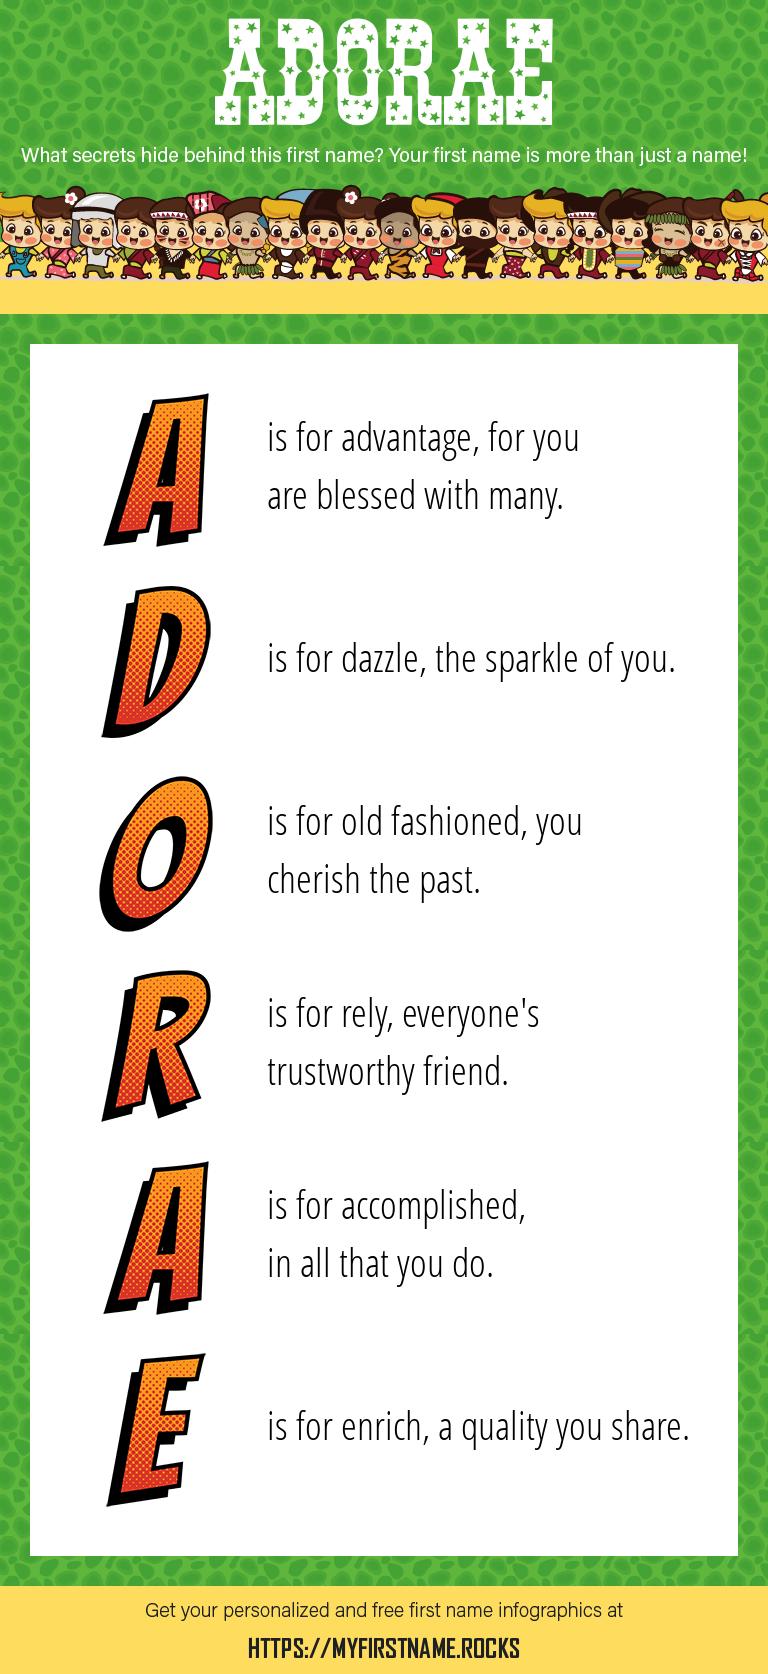 Adorae Infographics